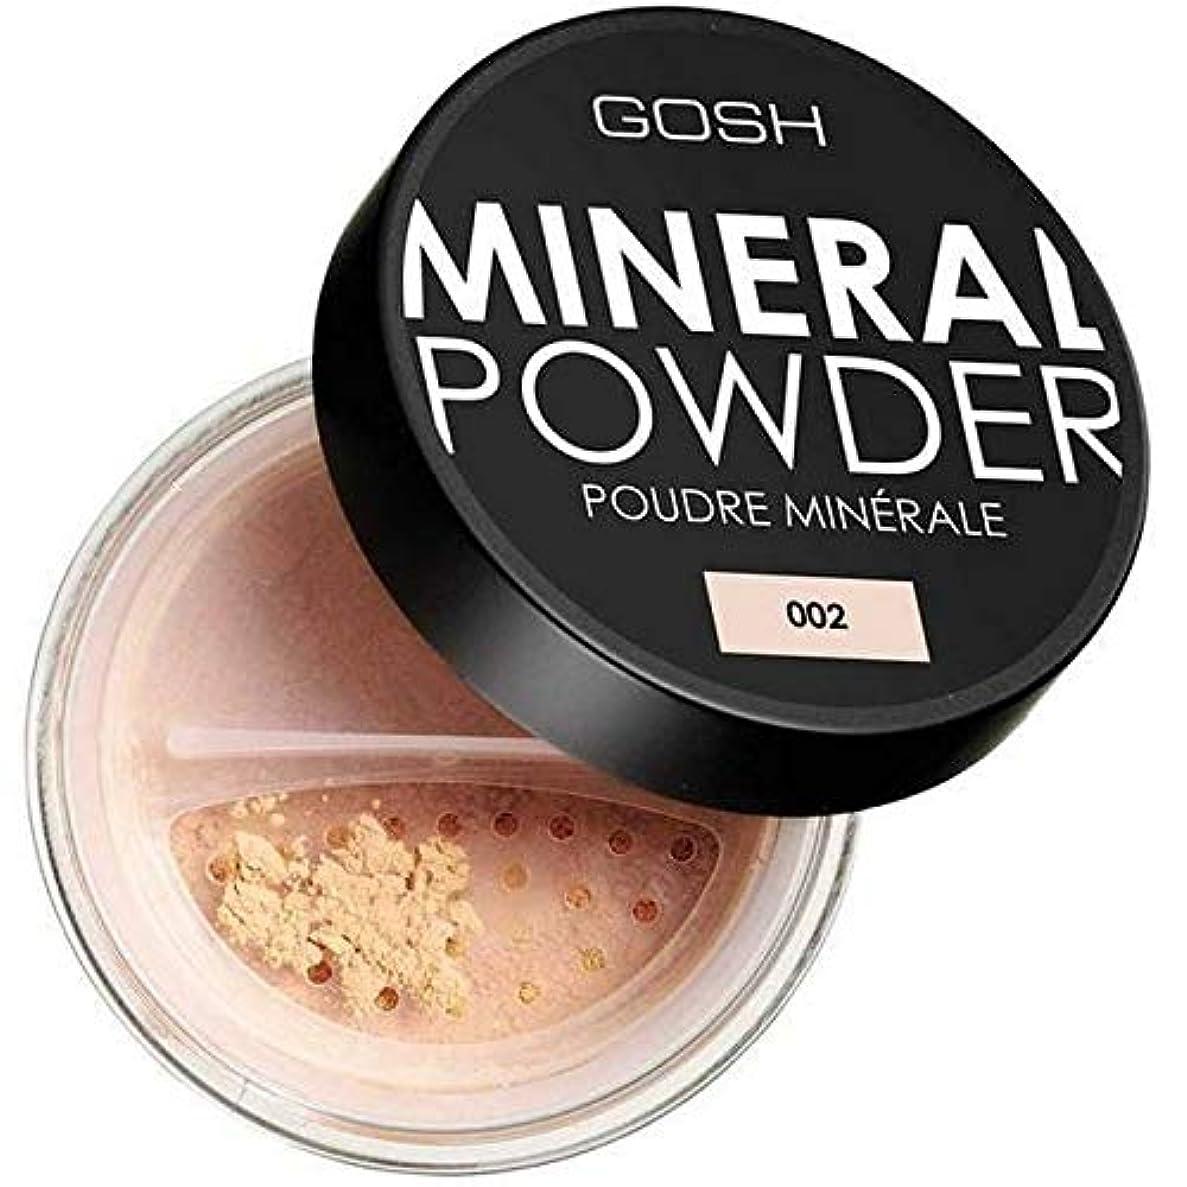 区別するどこにでもプリーツ[GOSH ] おやっミネラルフルカバーファンデーションパウダーアイボリー002 - GOSH Mineral Full Coverage Foundation Powder Ivory 002 [並行輸入品]